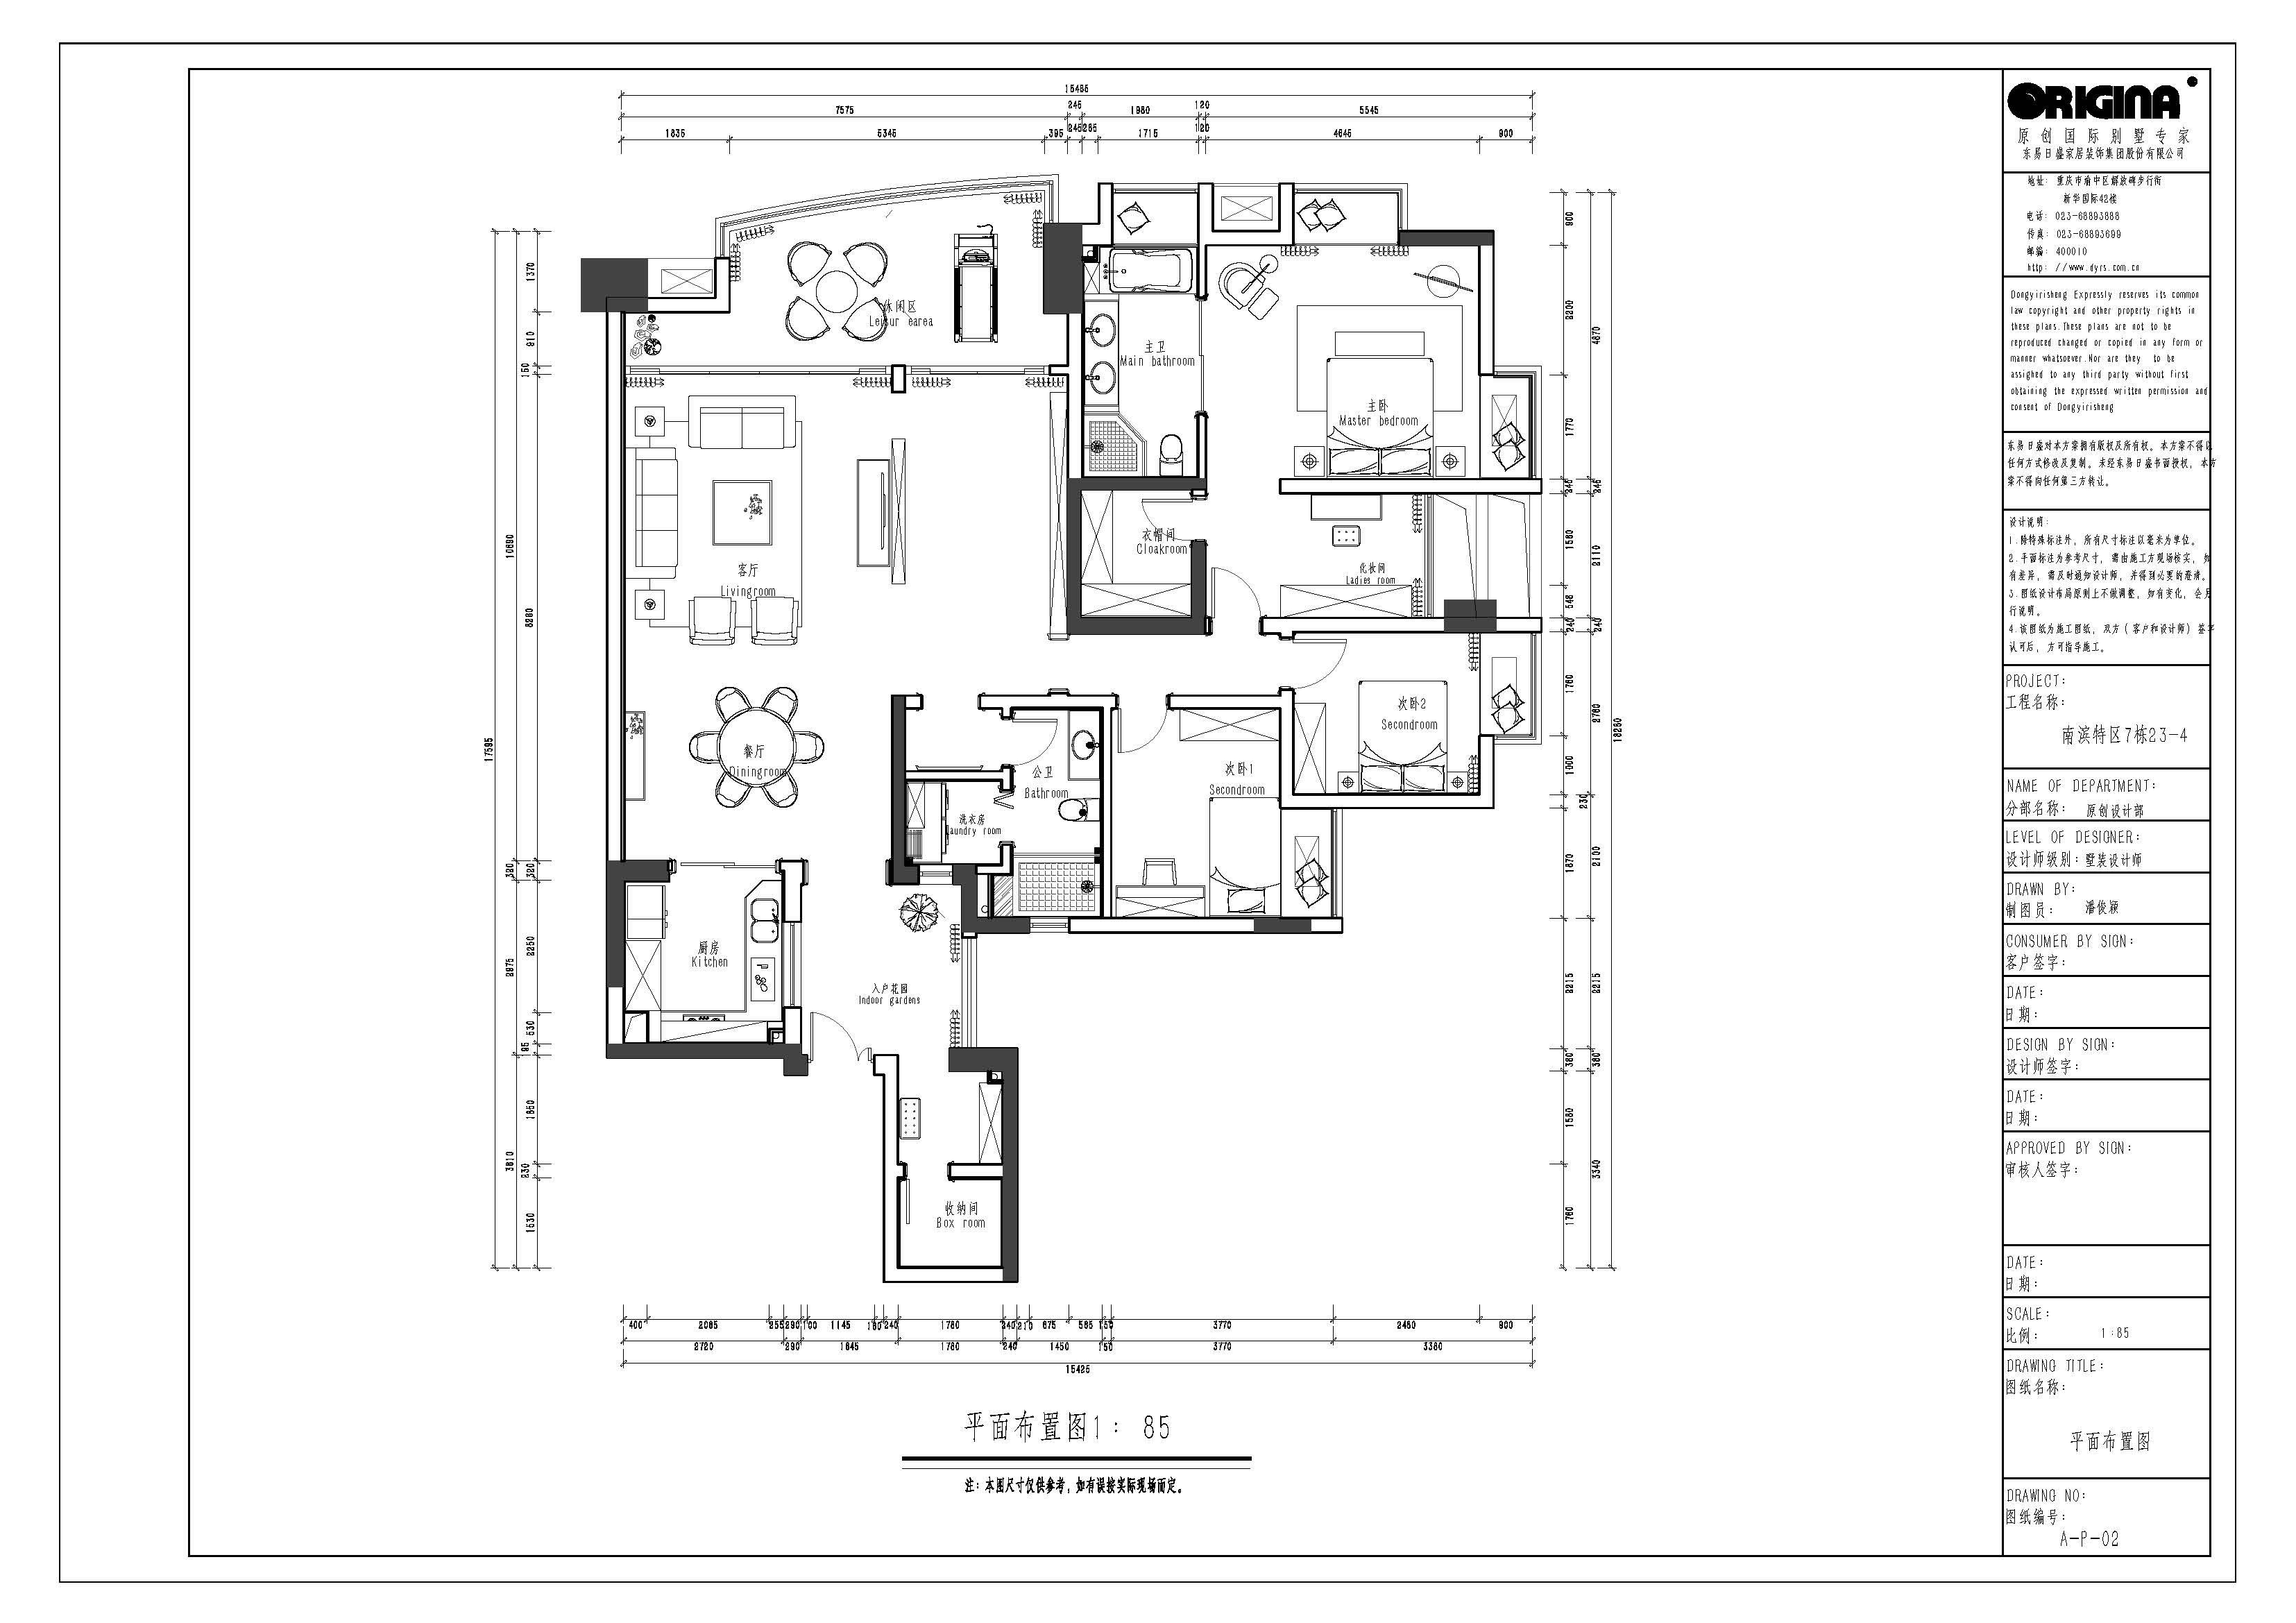 碧桂园-320平米-现代中式装修案例效果图装修设计理念